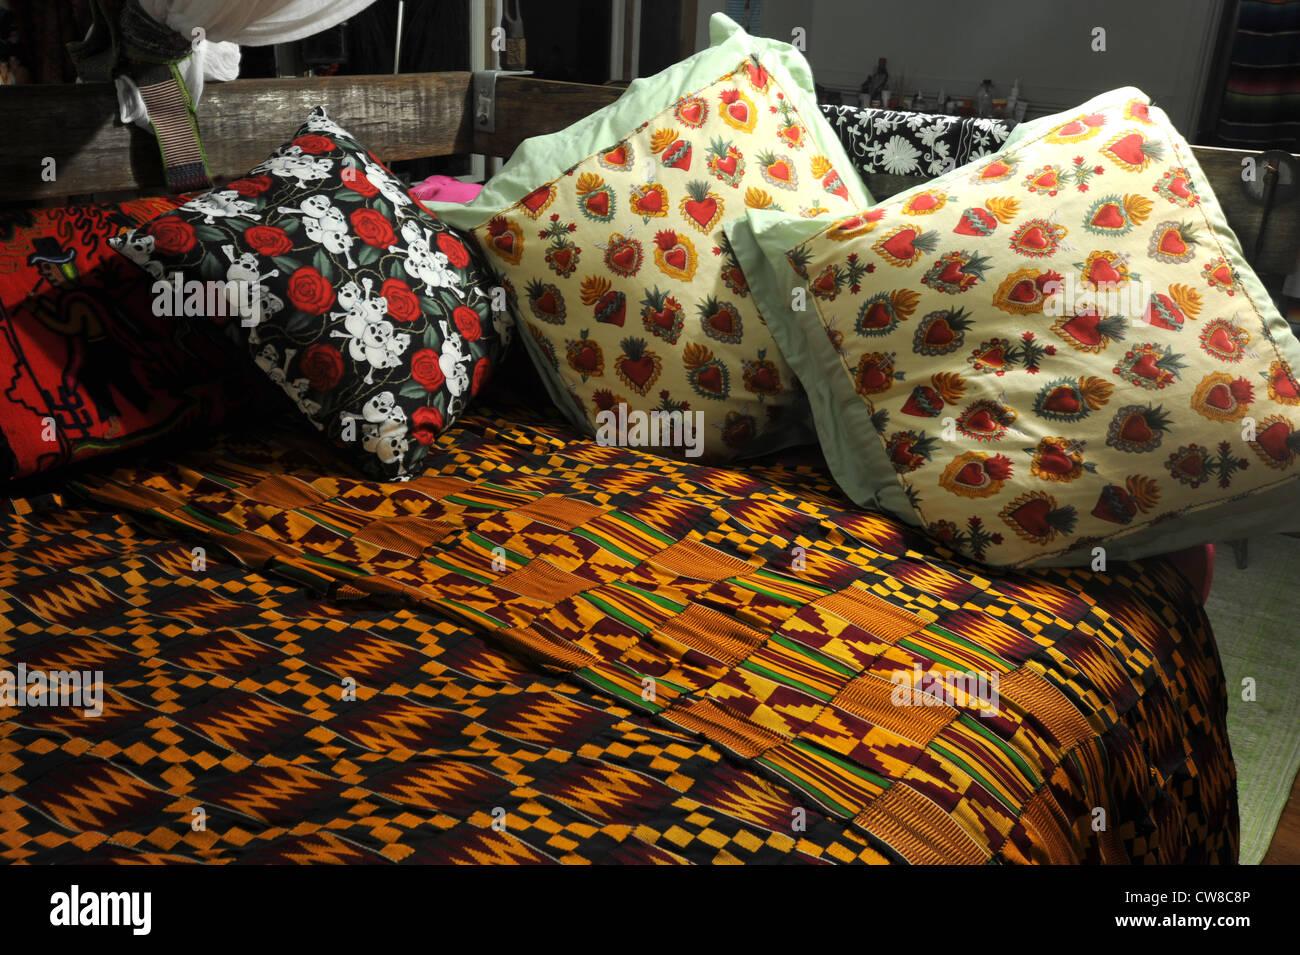 Stilvolle Textilien Fur Schlafzimmer Dekoration Stockfotografie Alamy